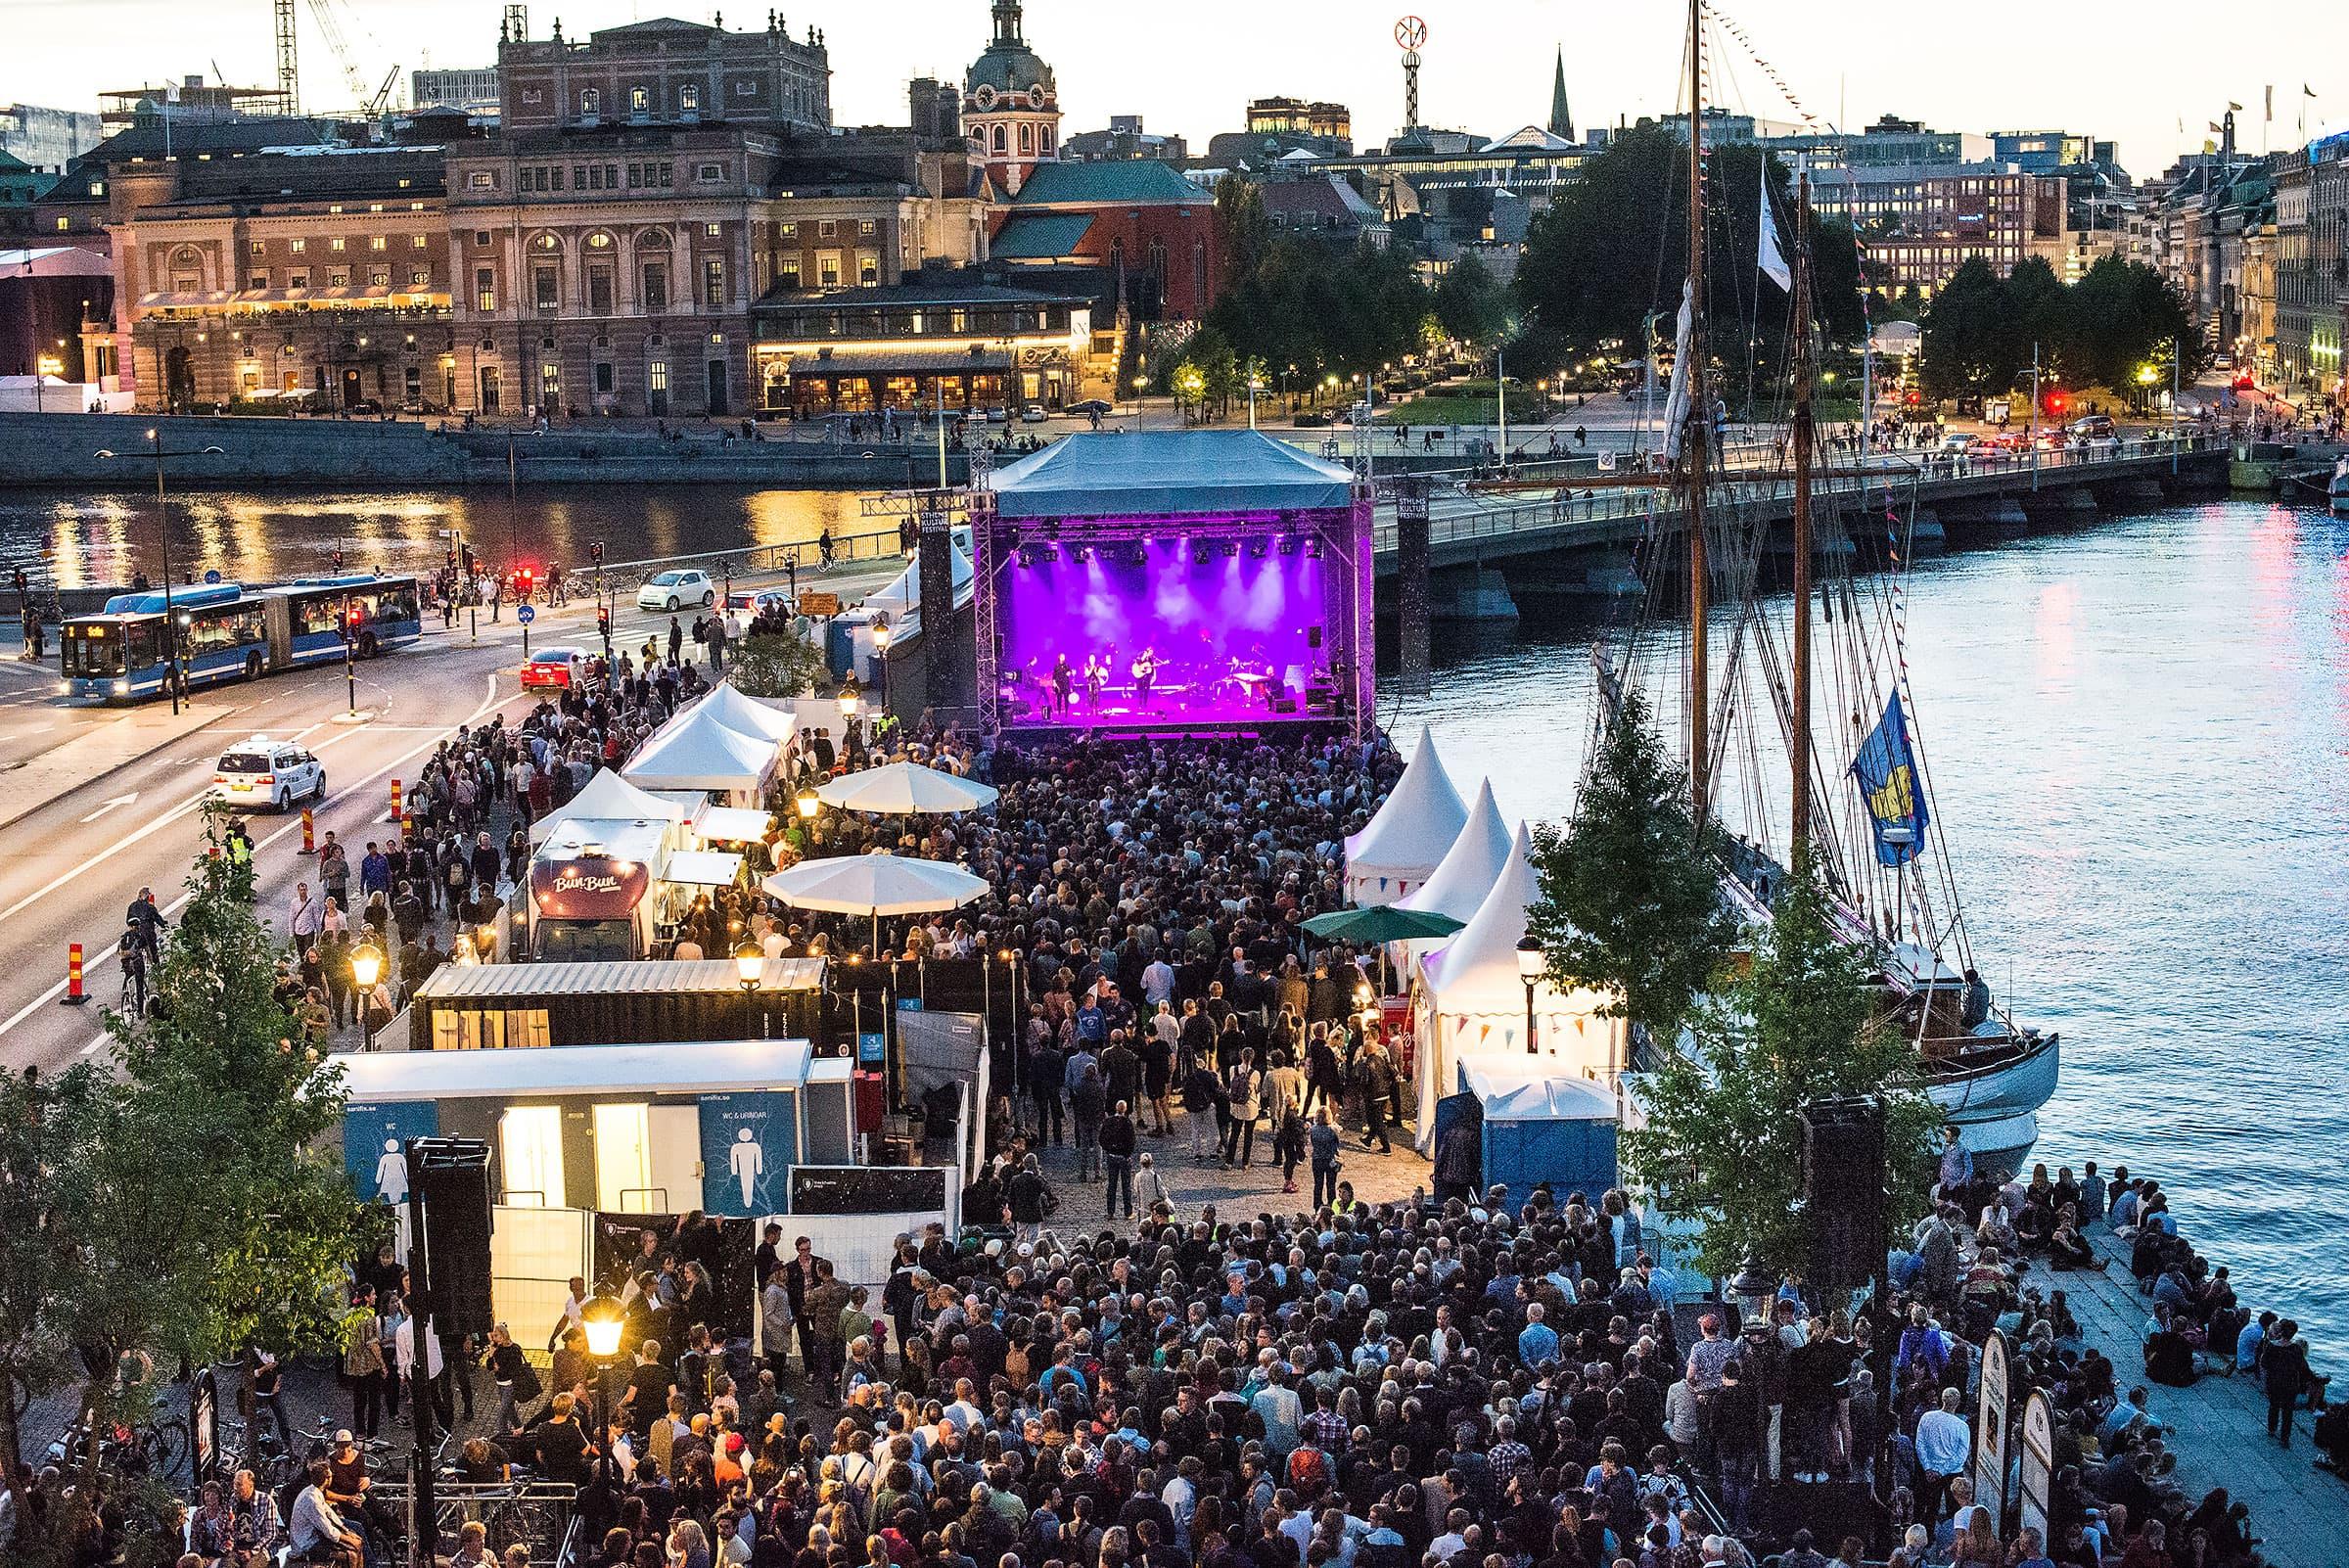 Vad får man inte missa under kulturfestivalen?